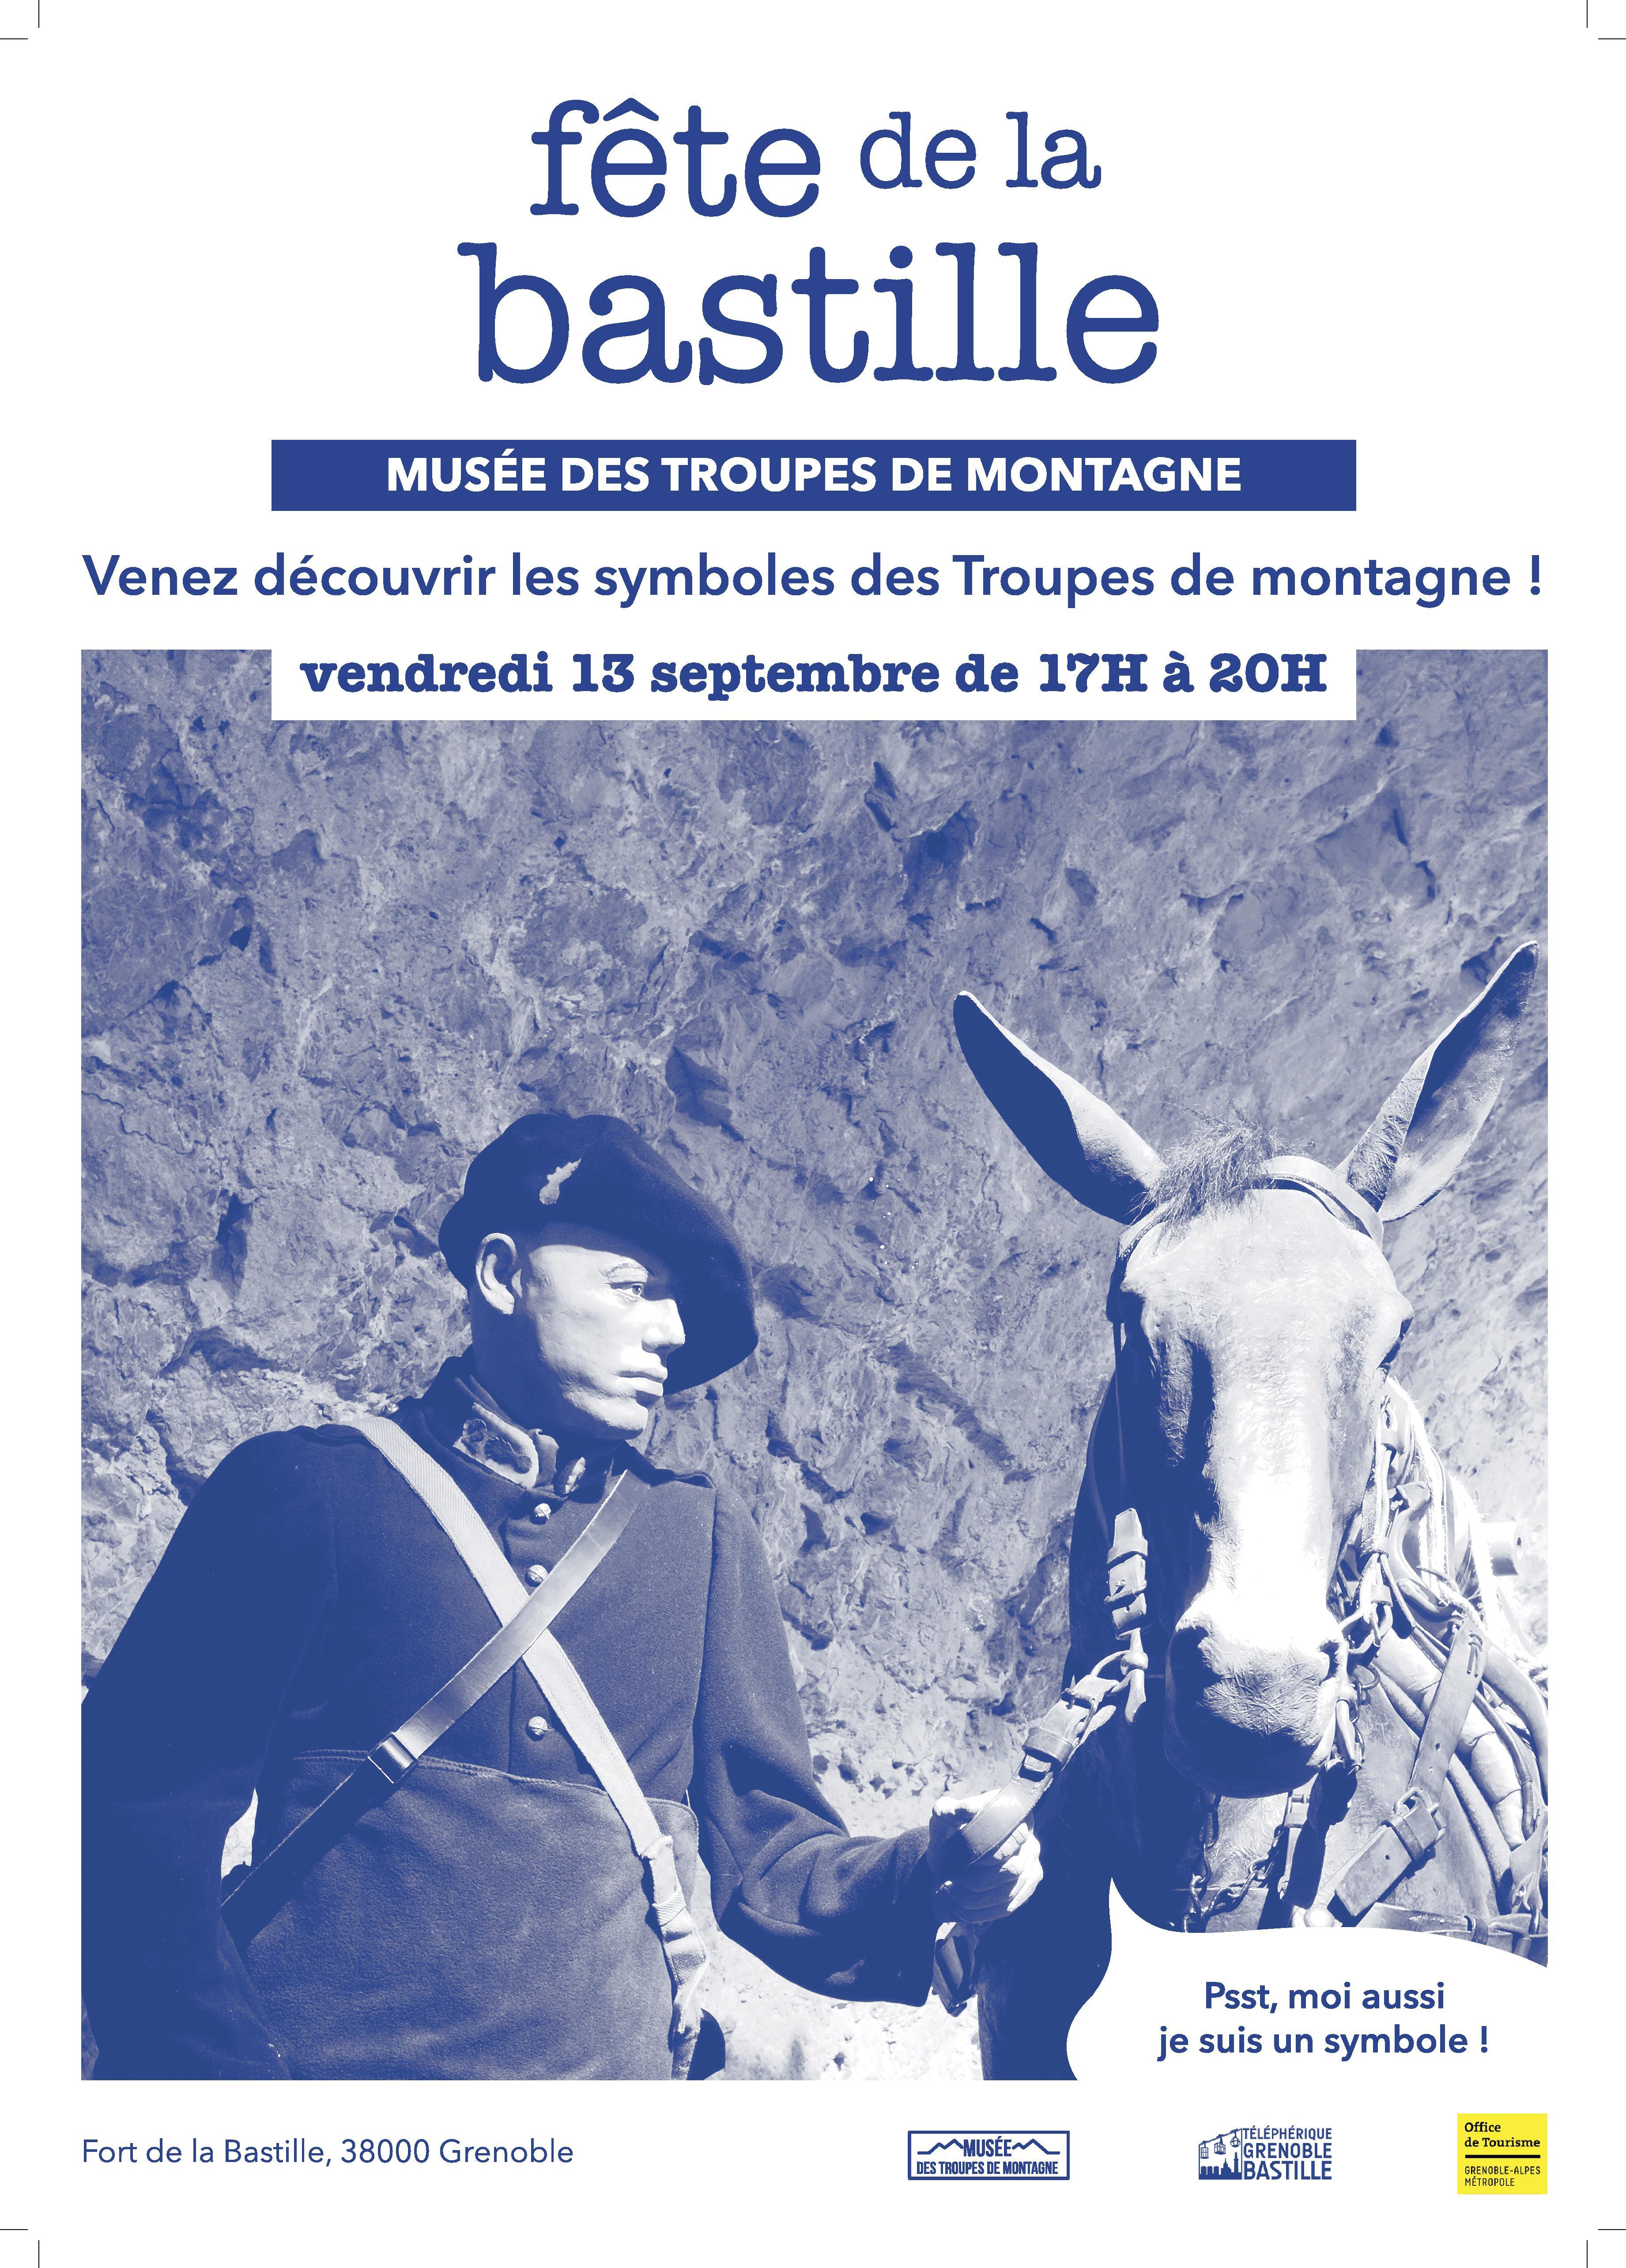 Affiche pour la Fête de la Bastille au Musée des Troupes de montagne, qui représente un soldat avec un mulet.